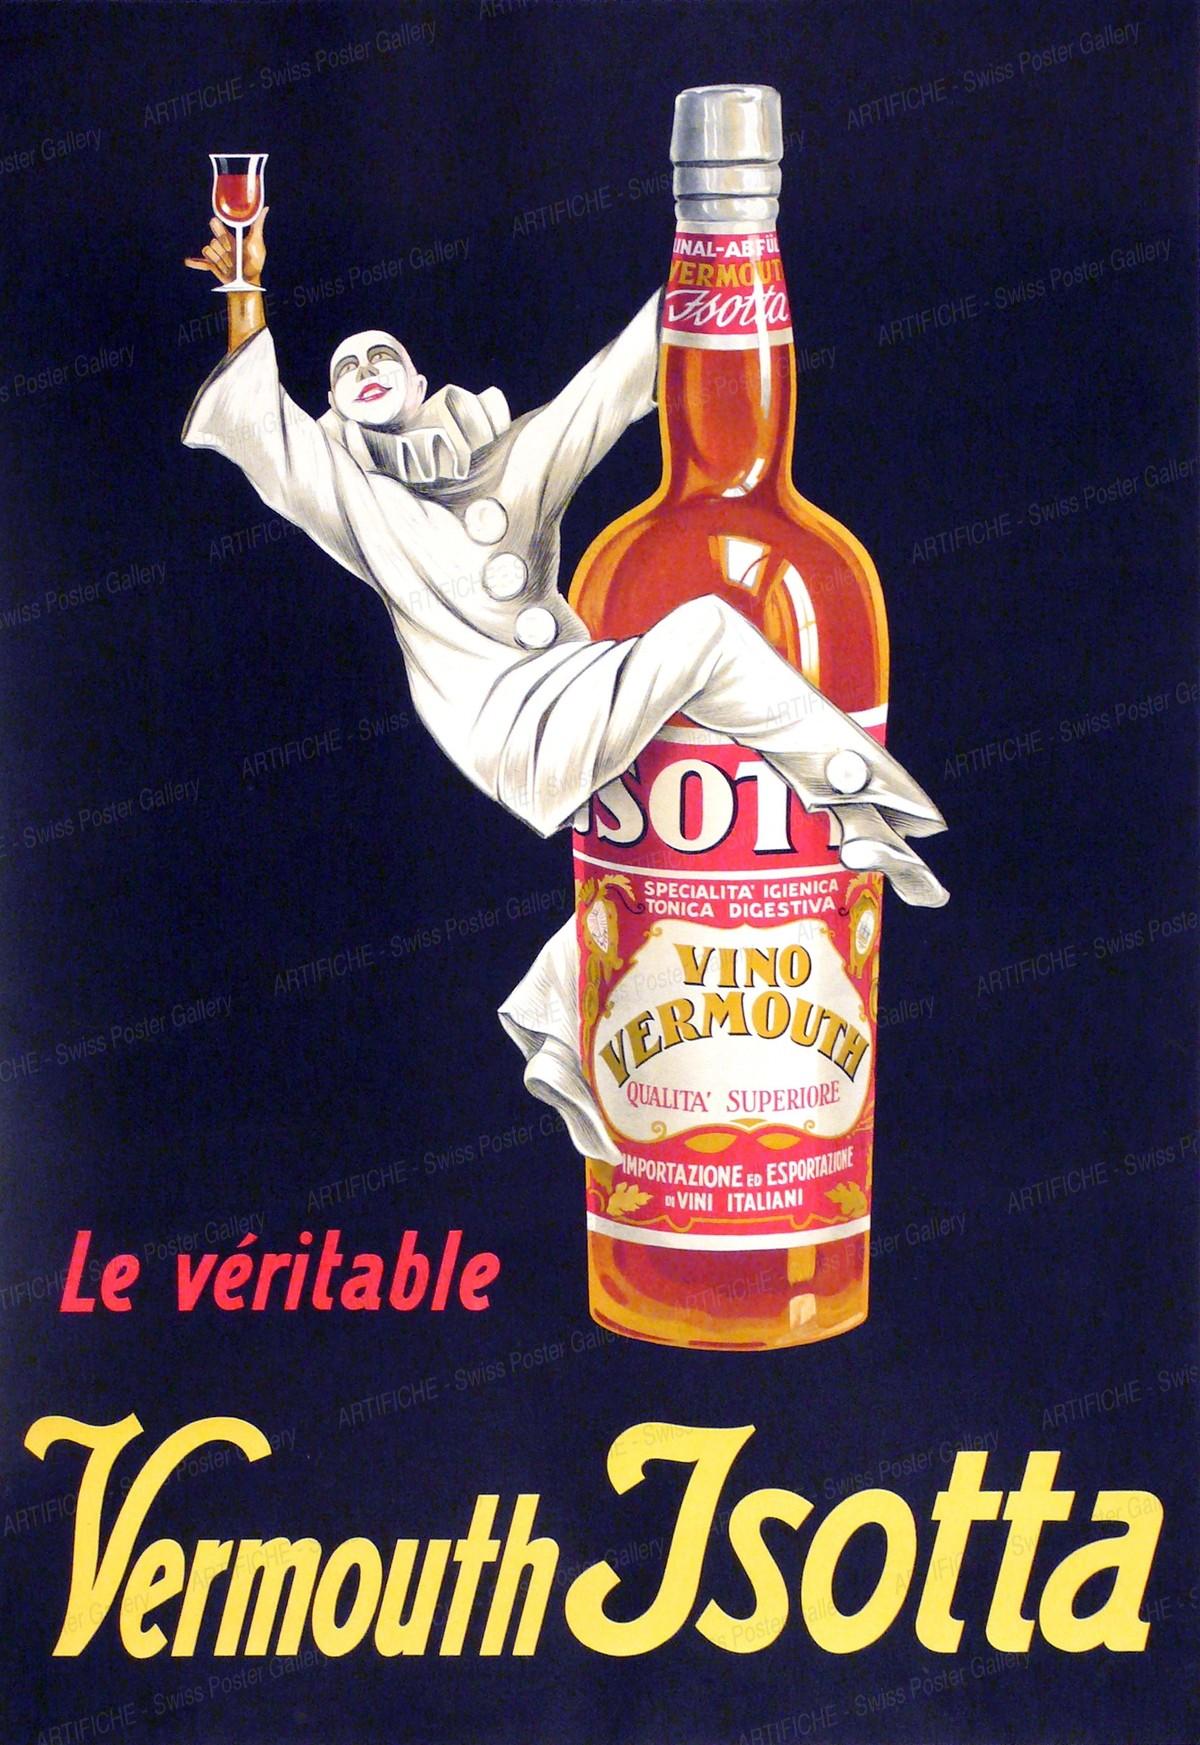 La véritable Vermouth Jsotta, Reno Ernst Jungel